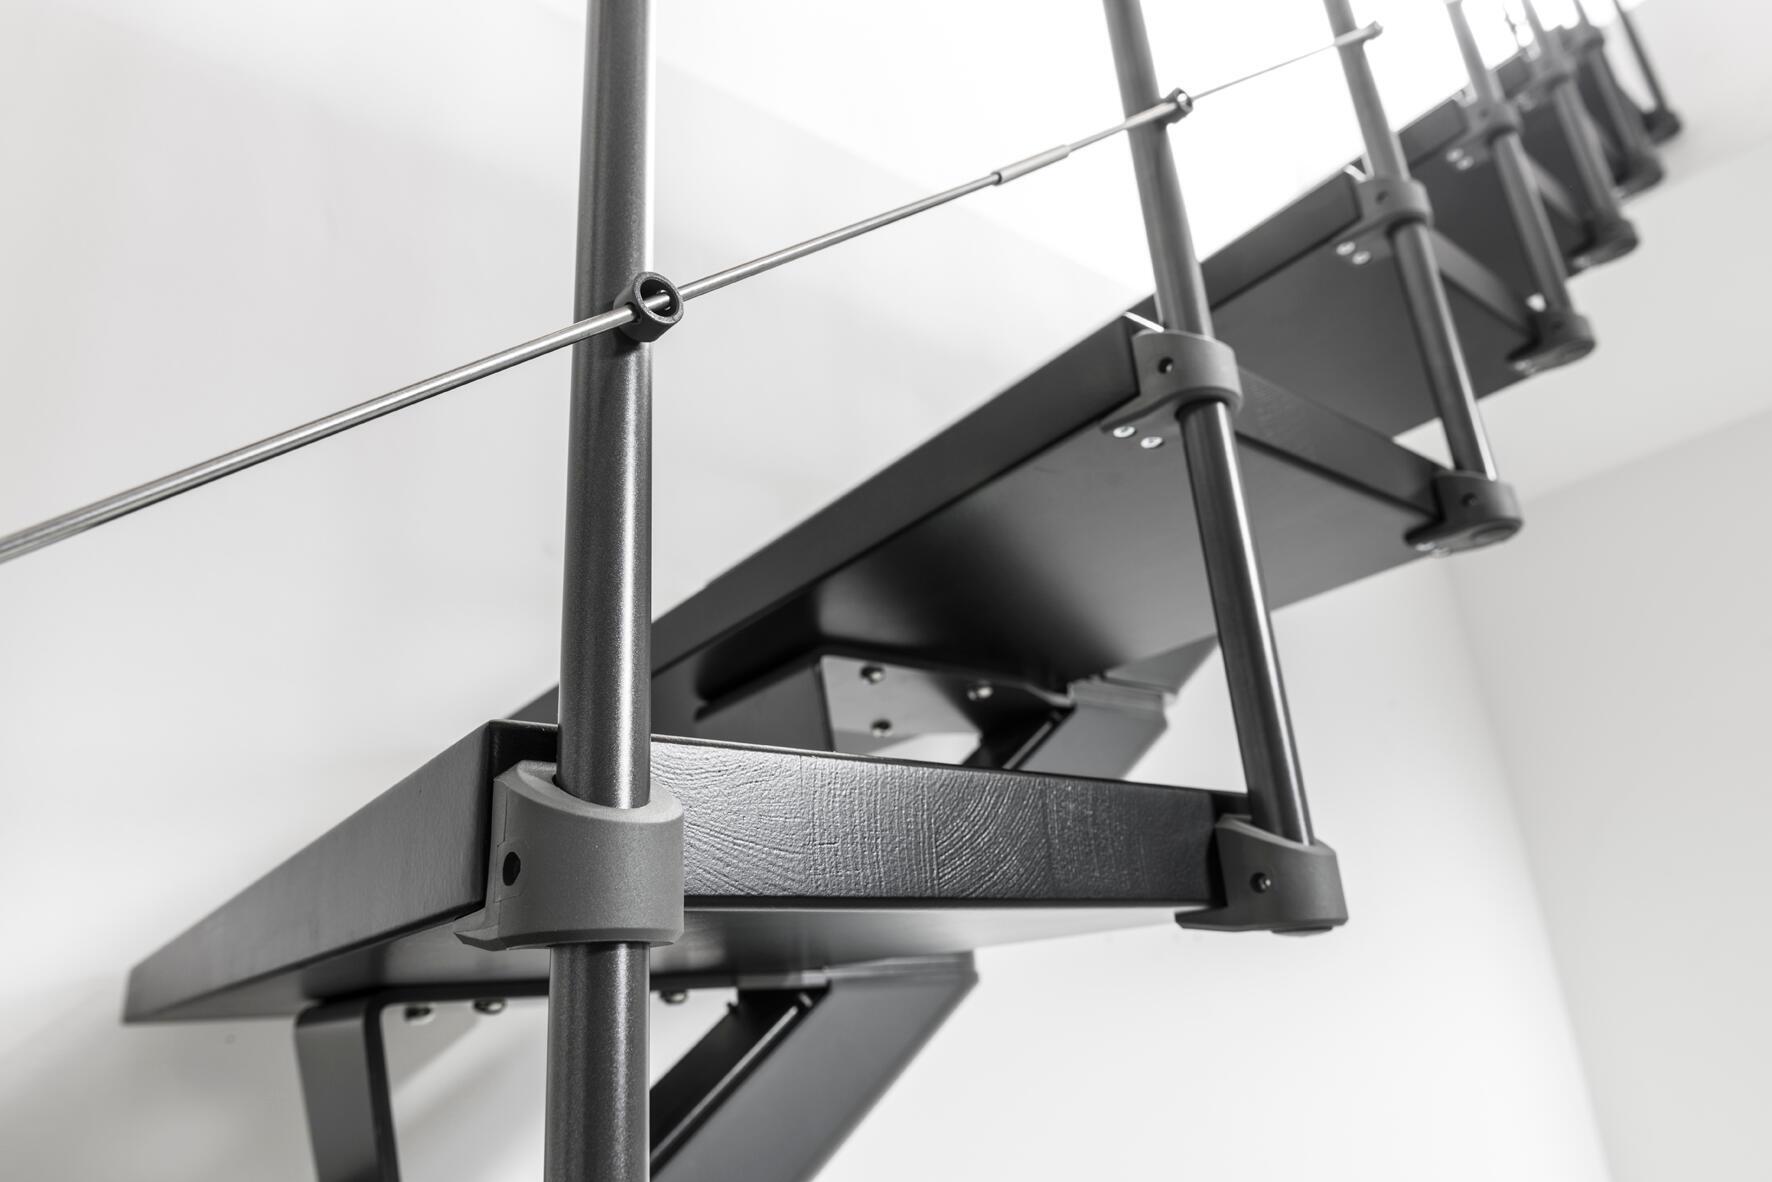 Scala a rampa 1/4 di giro Mas FONTANOT L 85 cm, gradino grigio antracite scuro, struttura antracite - 10